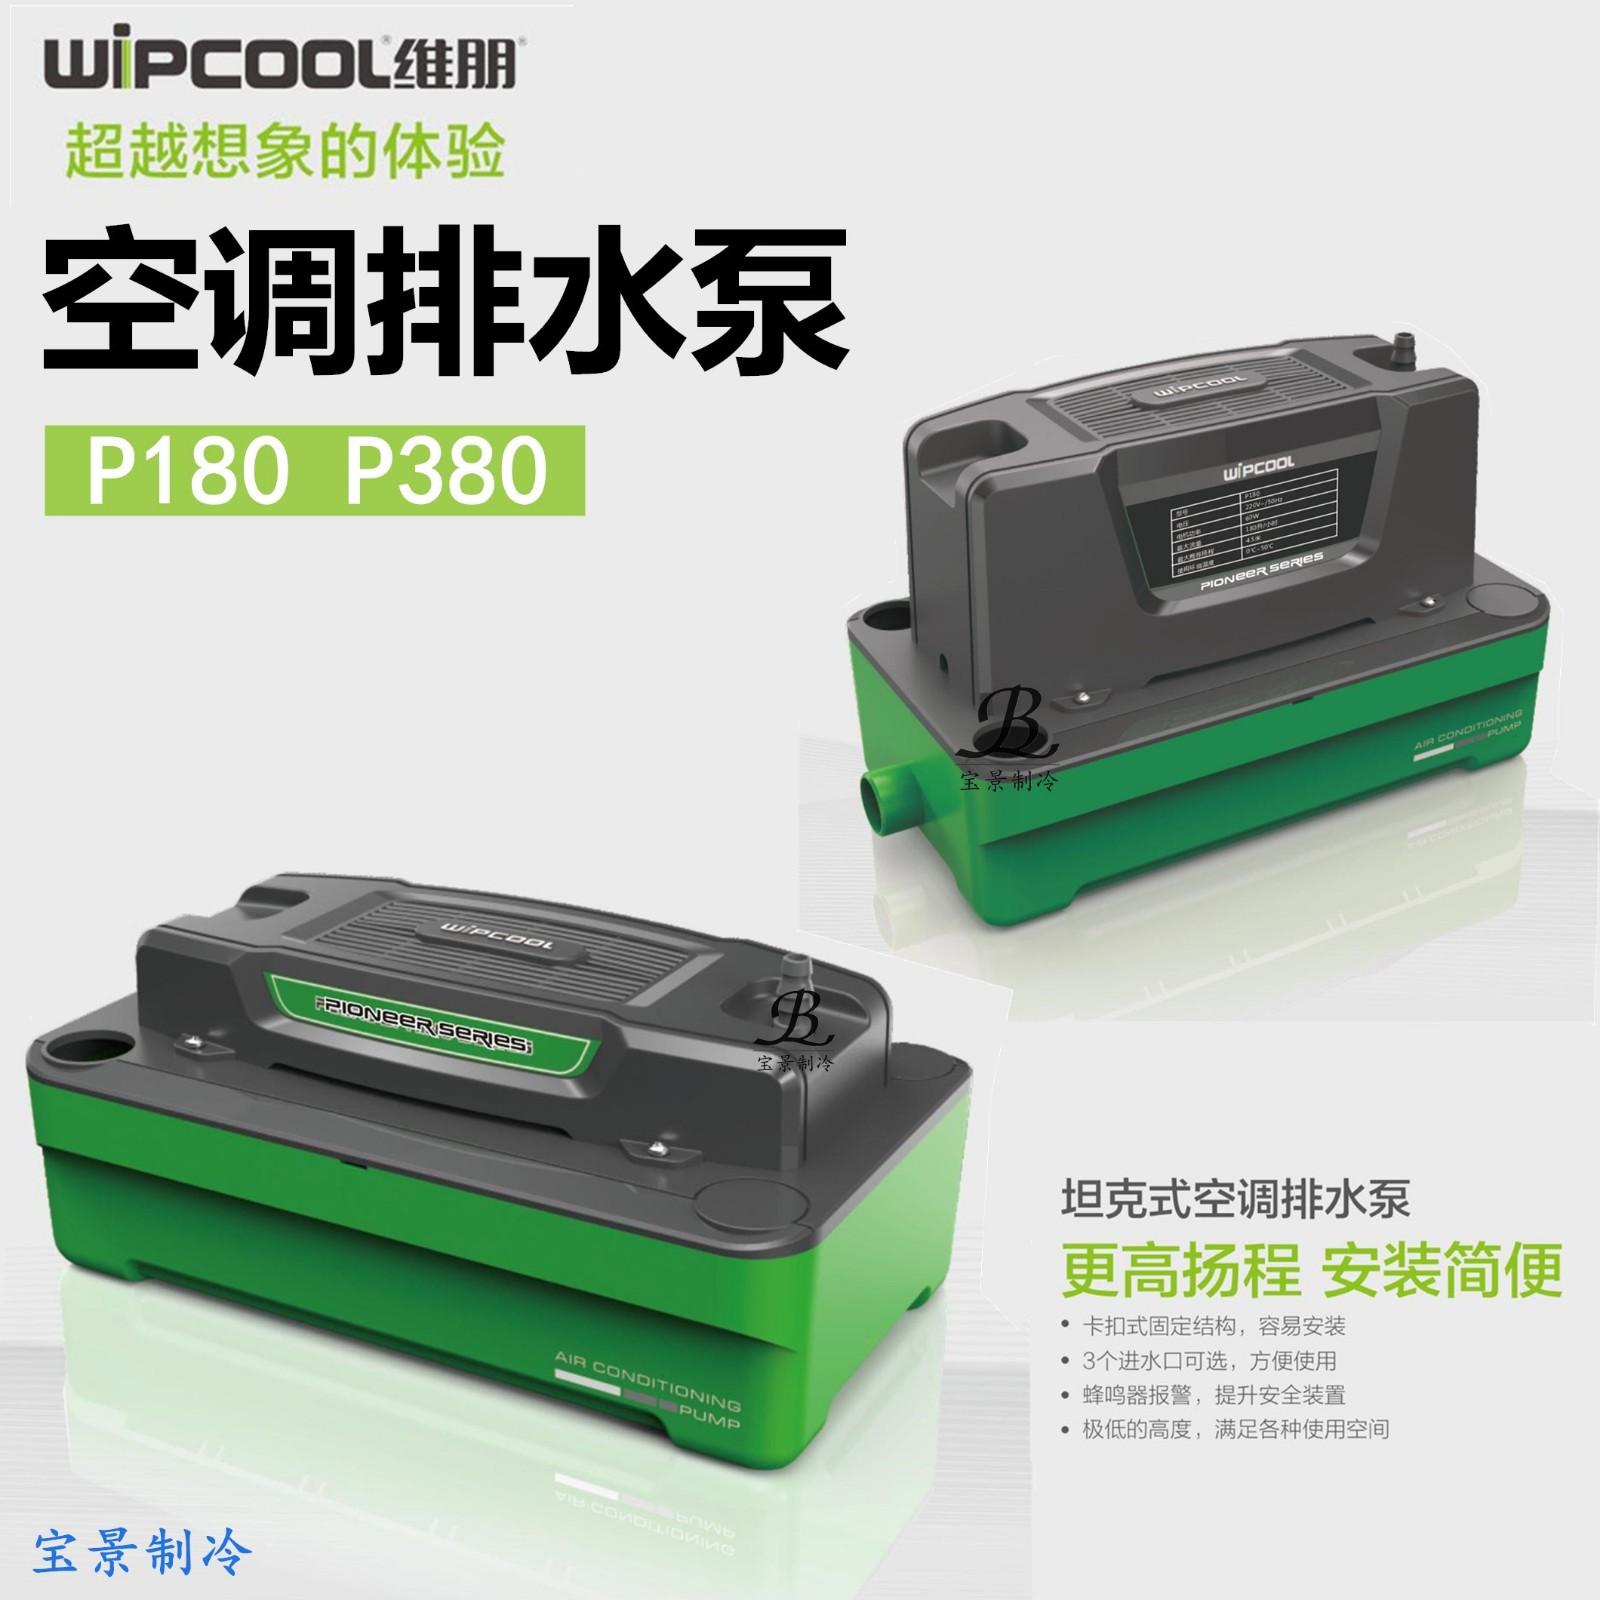 维朋空调排水泵P180 冷凝水提升泵柜机排水泵